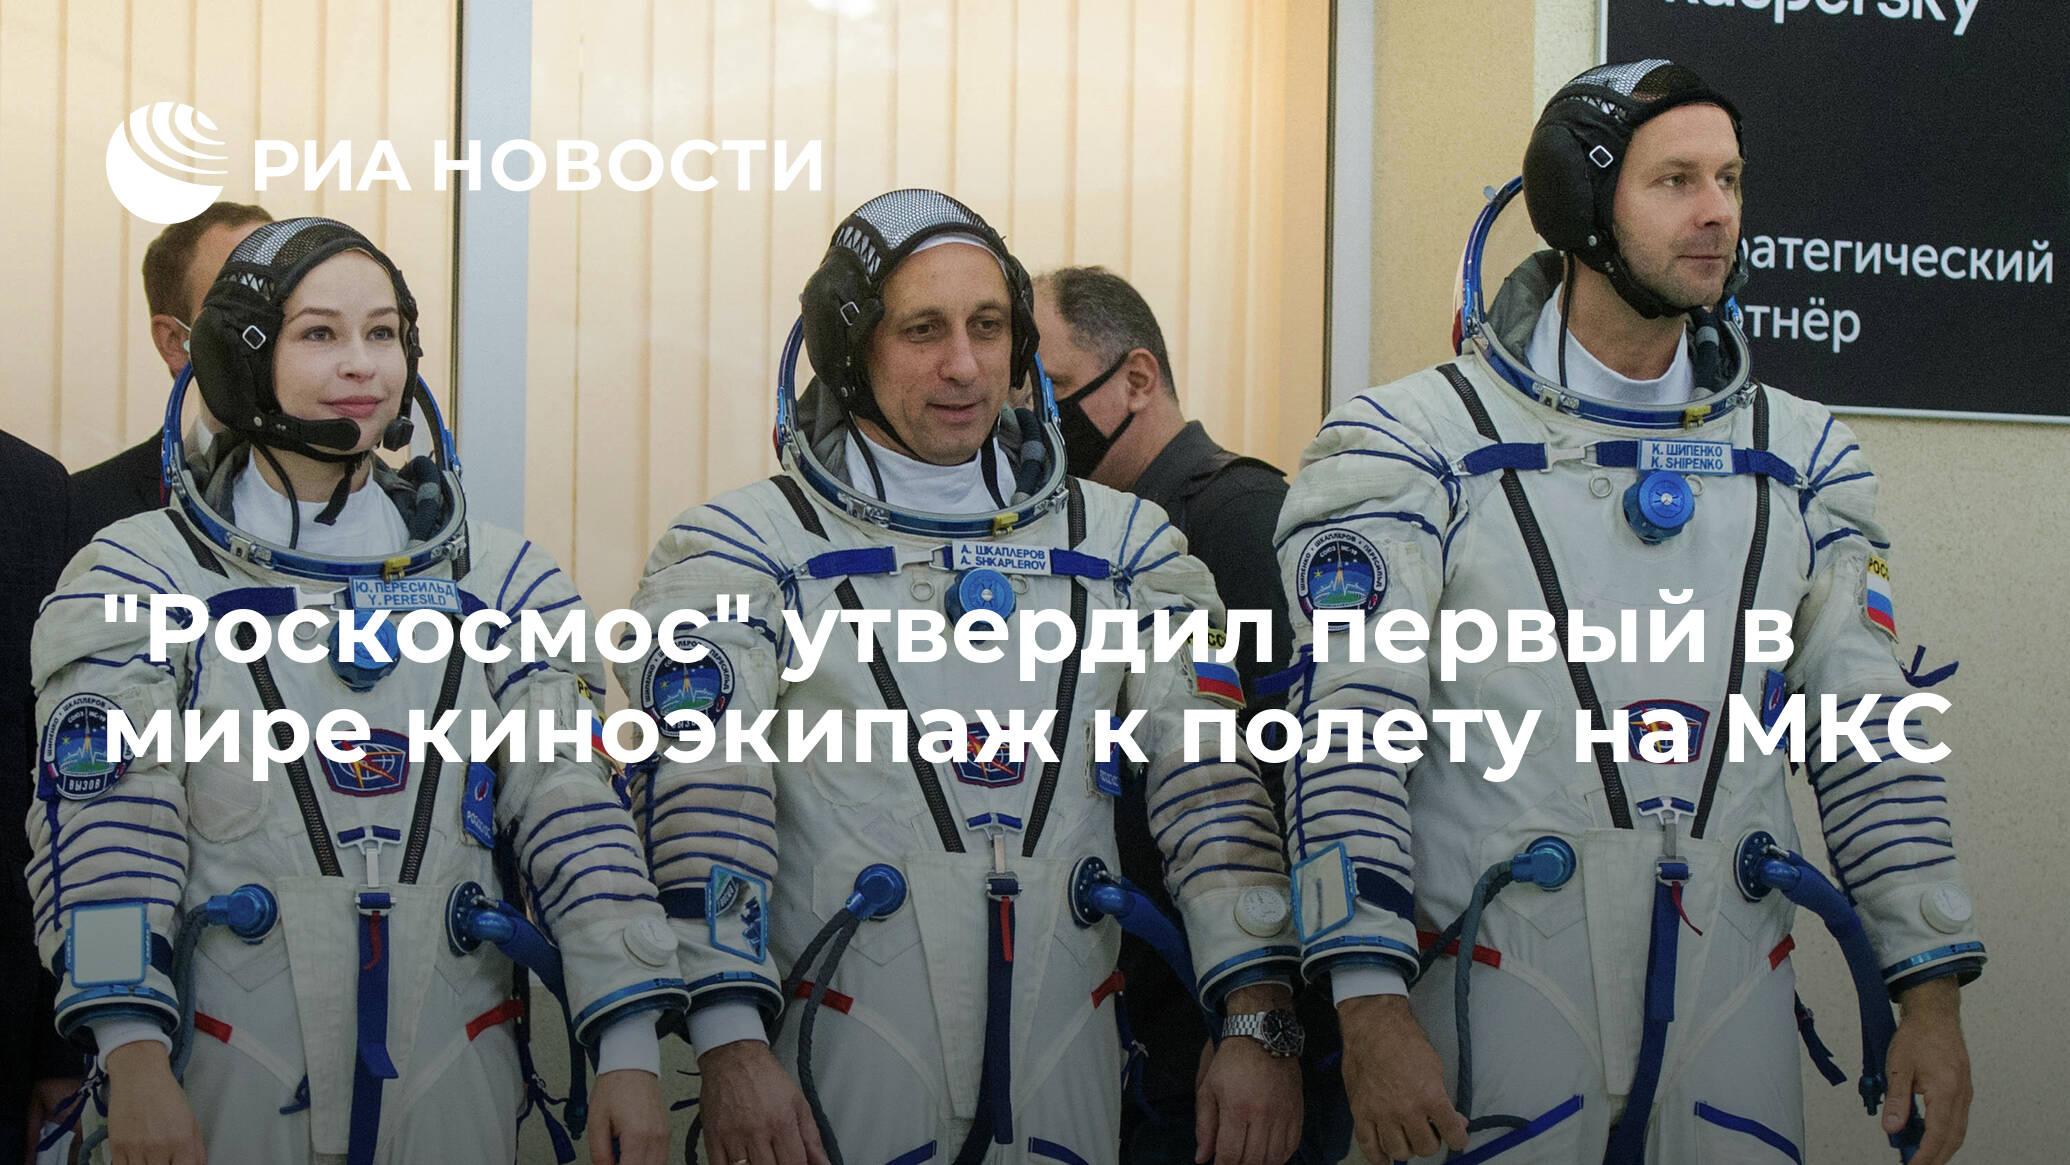 """""""Роскосмос"""" утвердил первый в мире киноэкипаж к полету на МКС"""